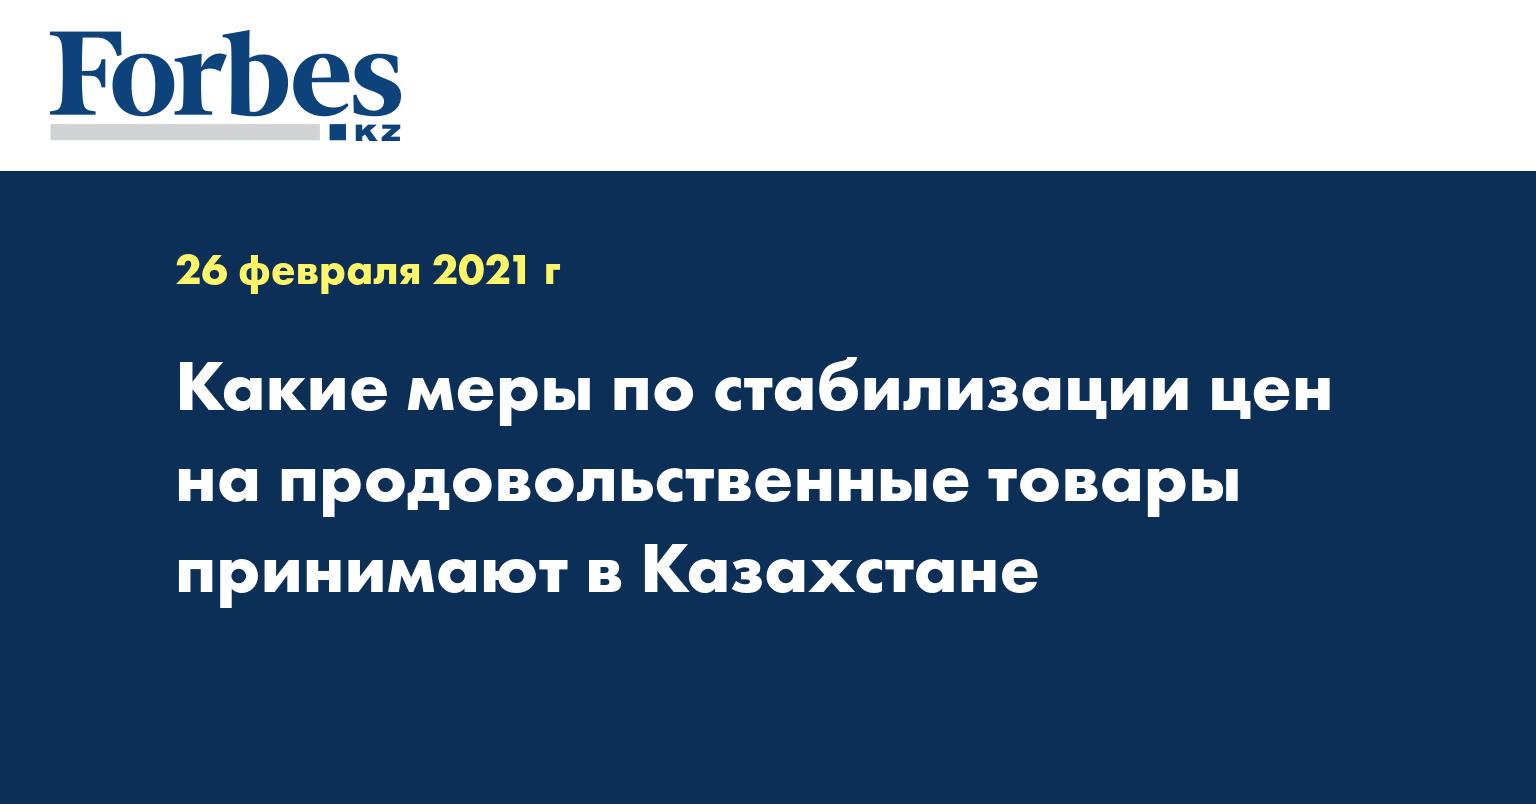 Какие меры по стабилизации цен на продовольственные товары принимают в Казахстане